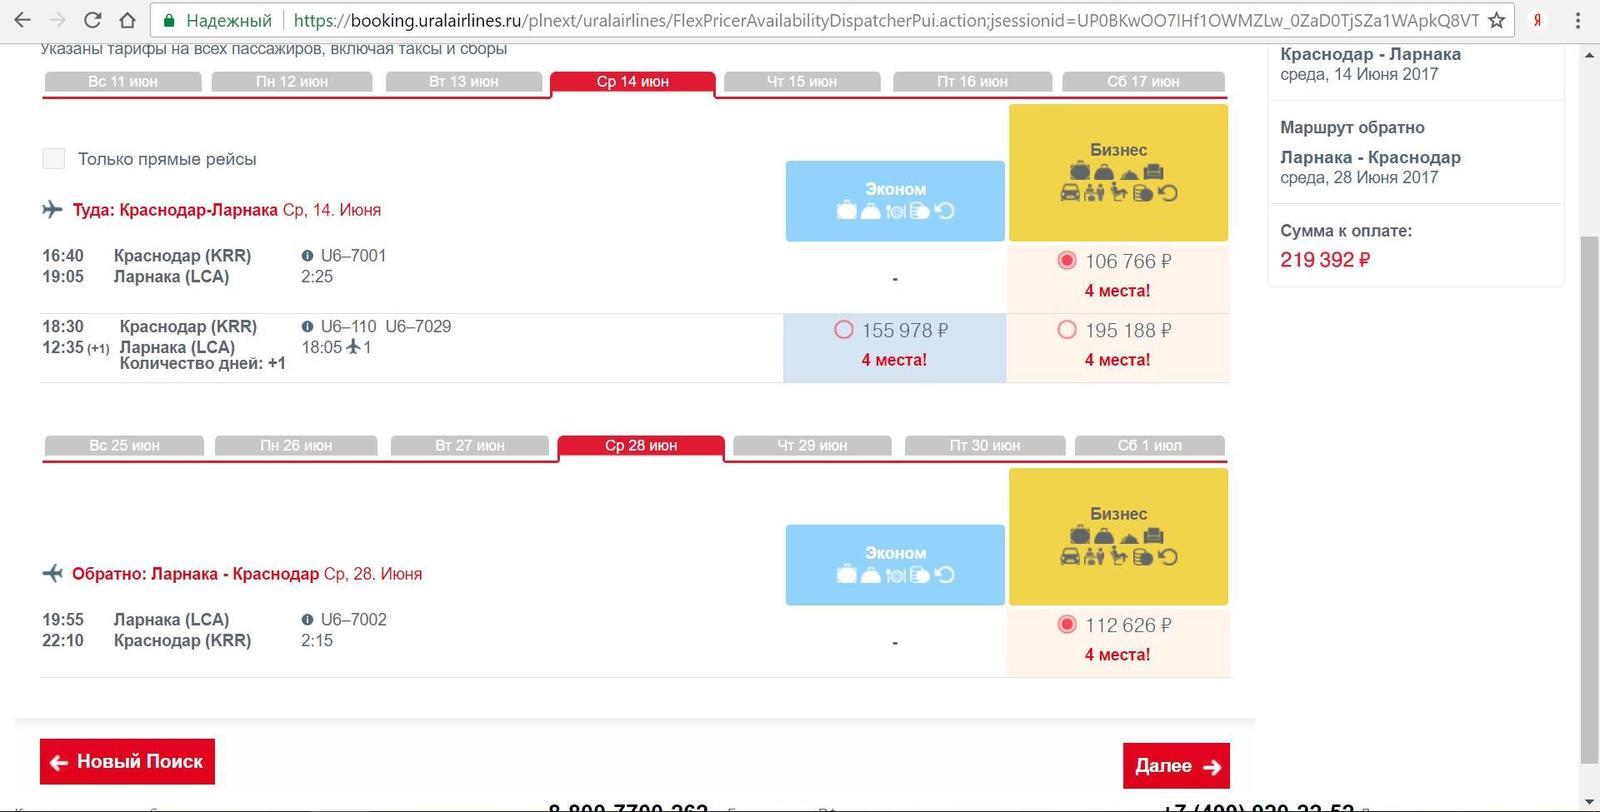 Такса билет на самолет билеты от владикавказа до москвы на самолет